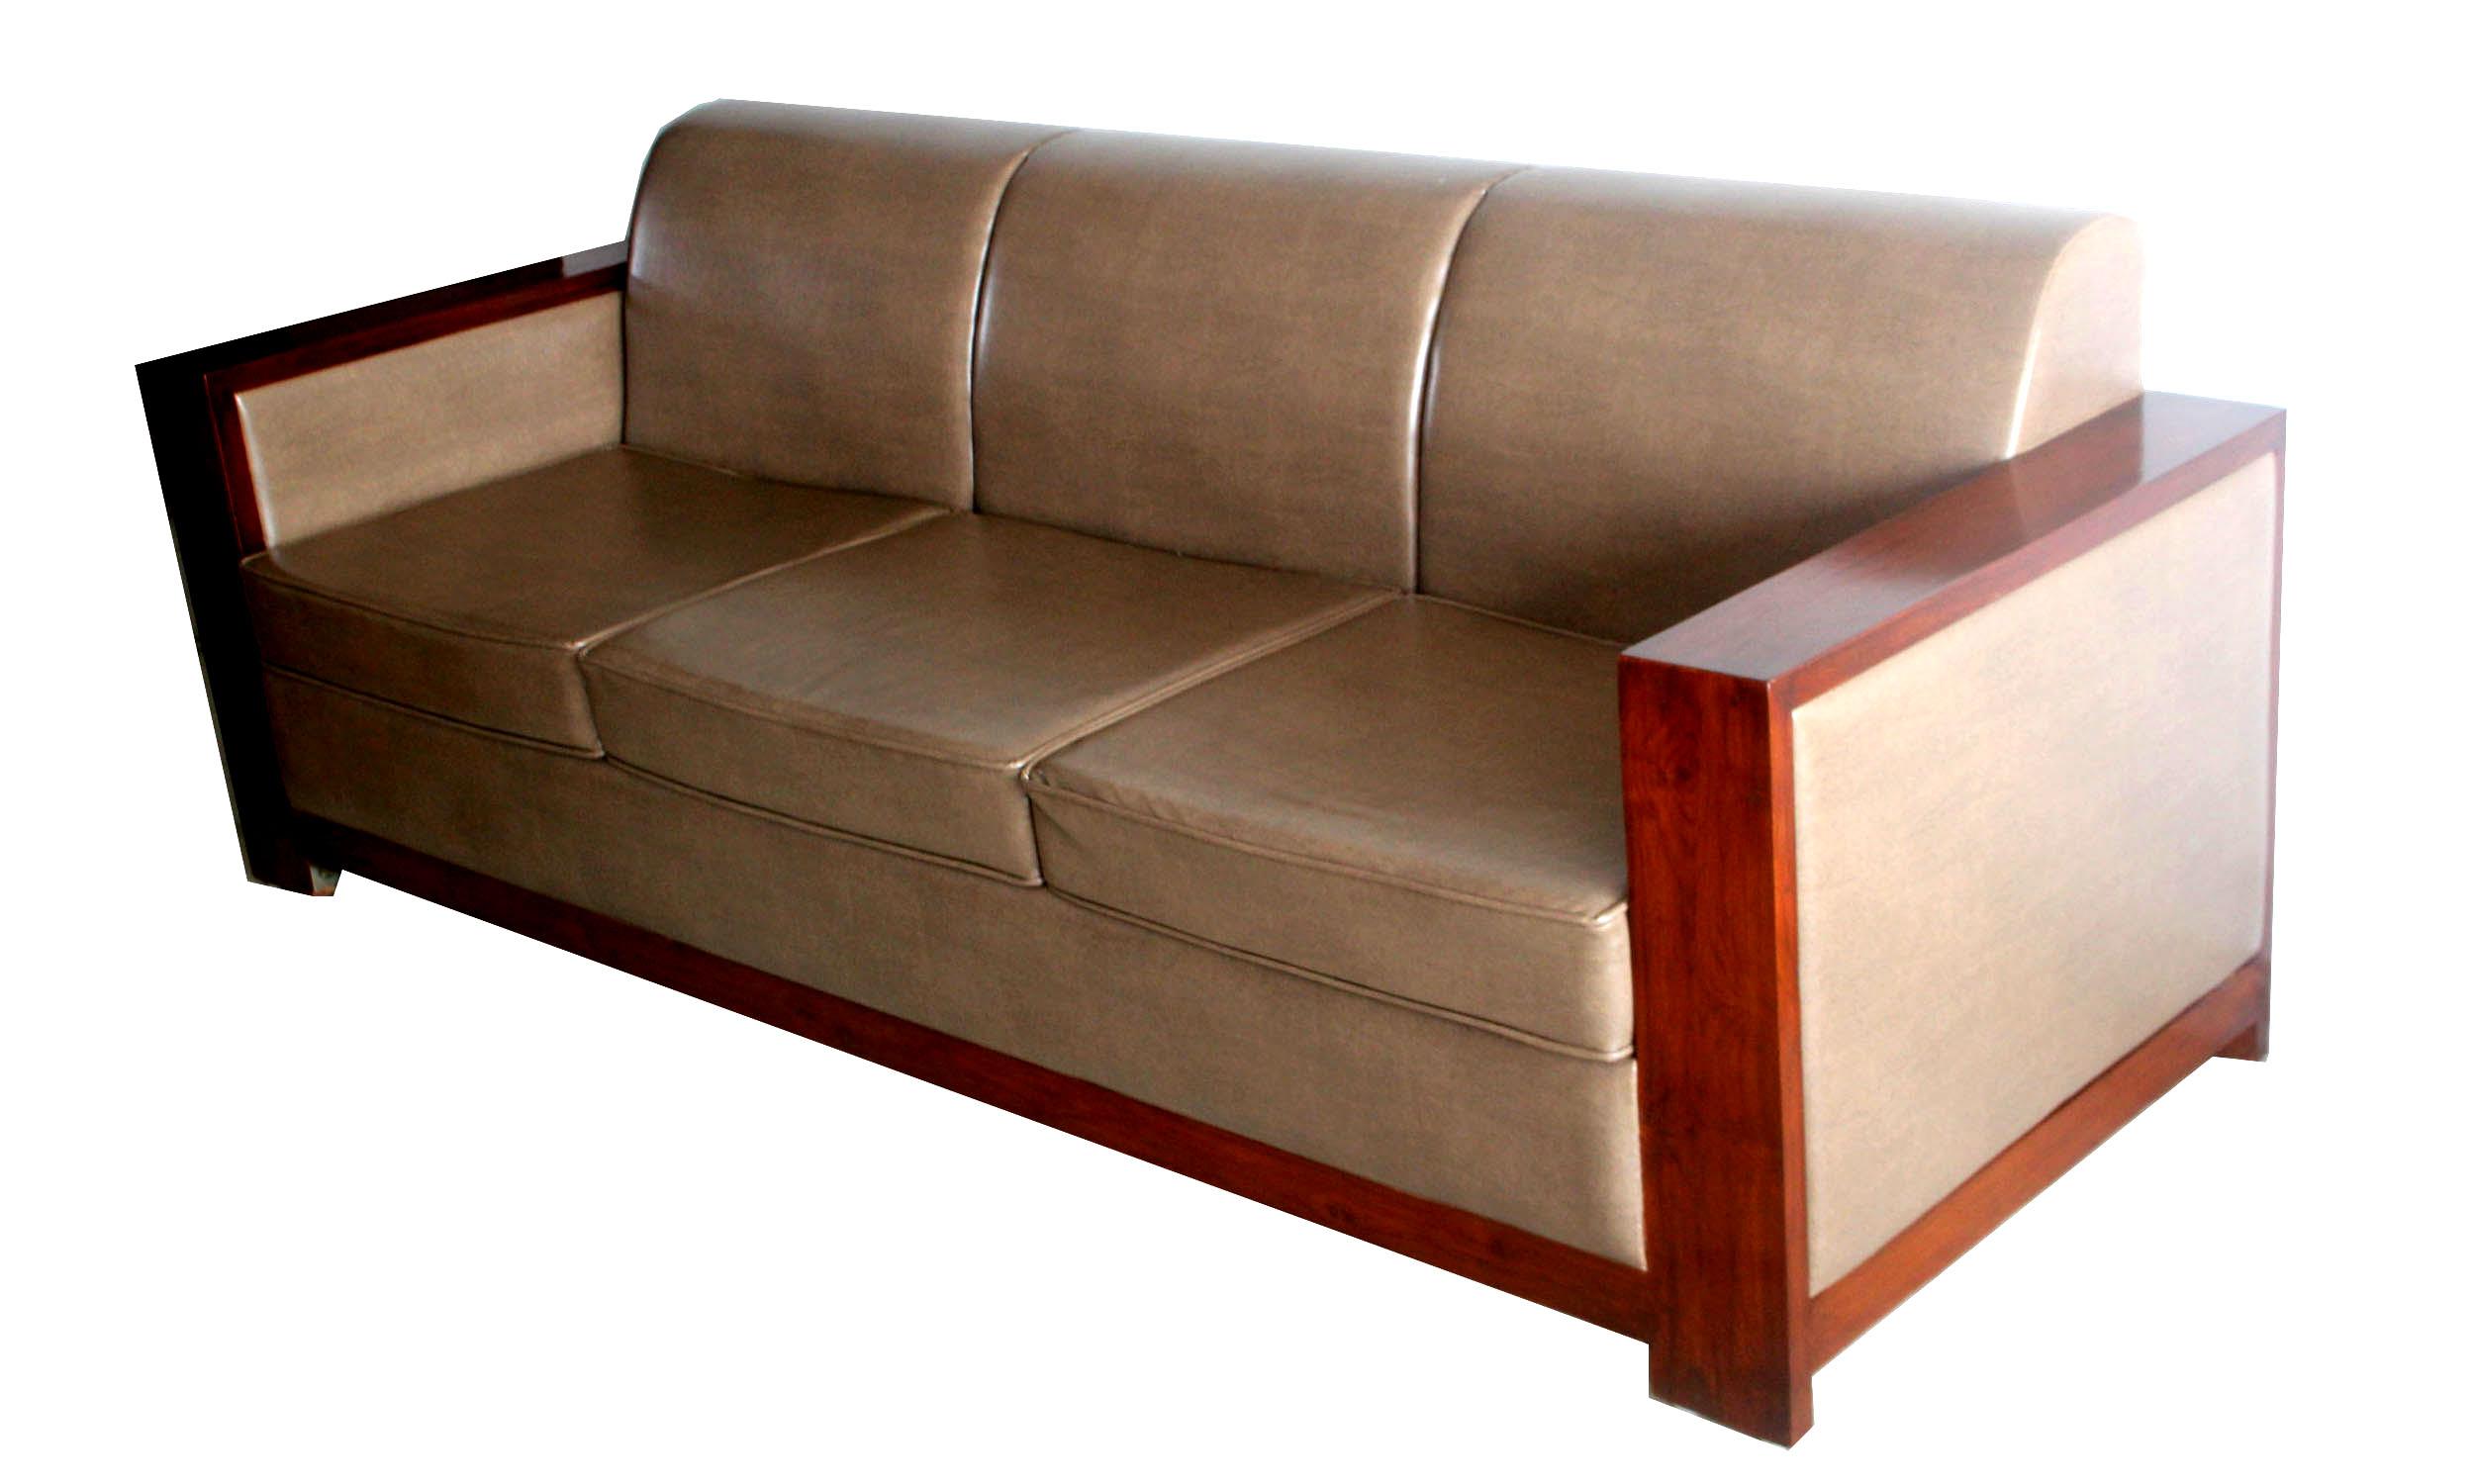 Teakwood_2_seater_sofa_leatherite (2). Teakwood_2_seater_sofa_leatherite.  Teakwood_3_seater_sofa. Teakwood_3_seater_sofa_grey